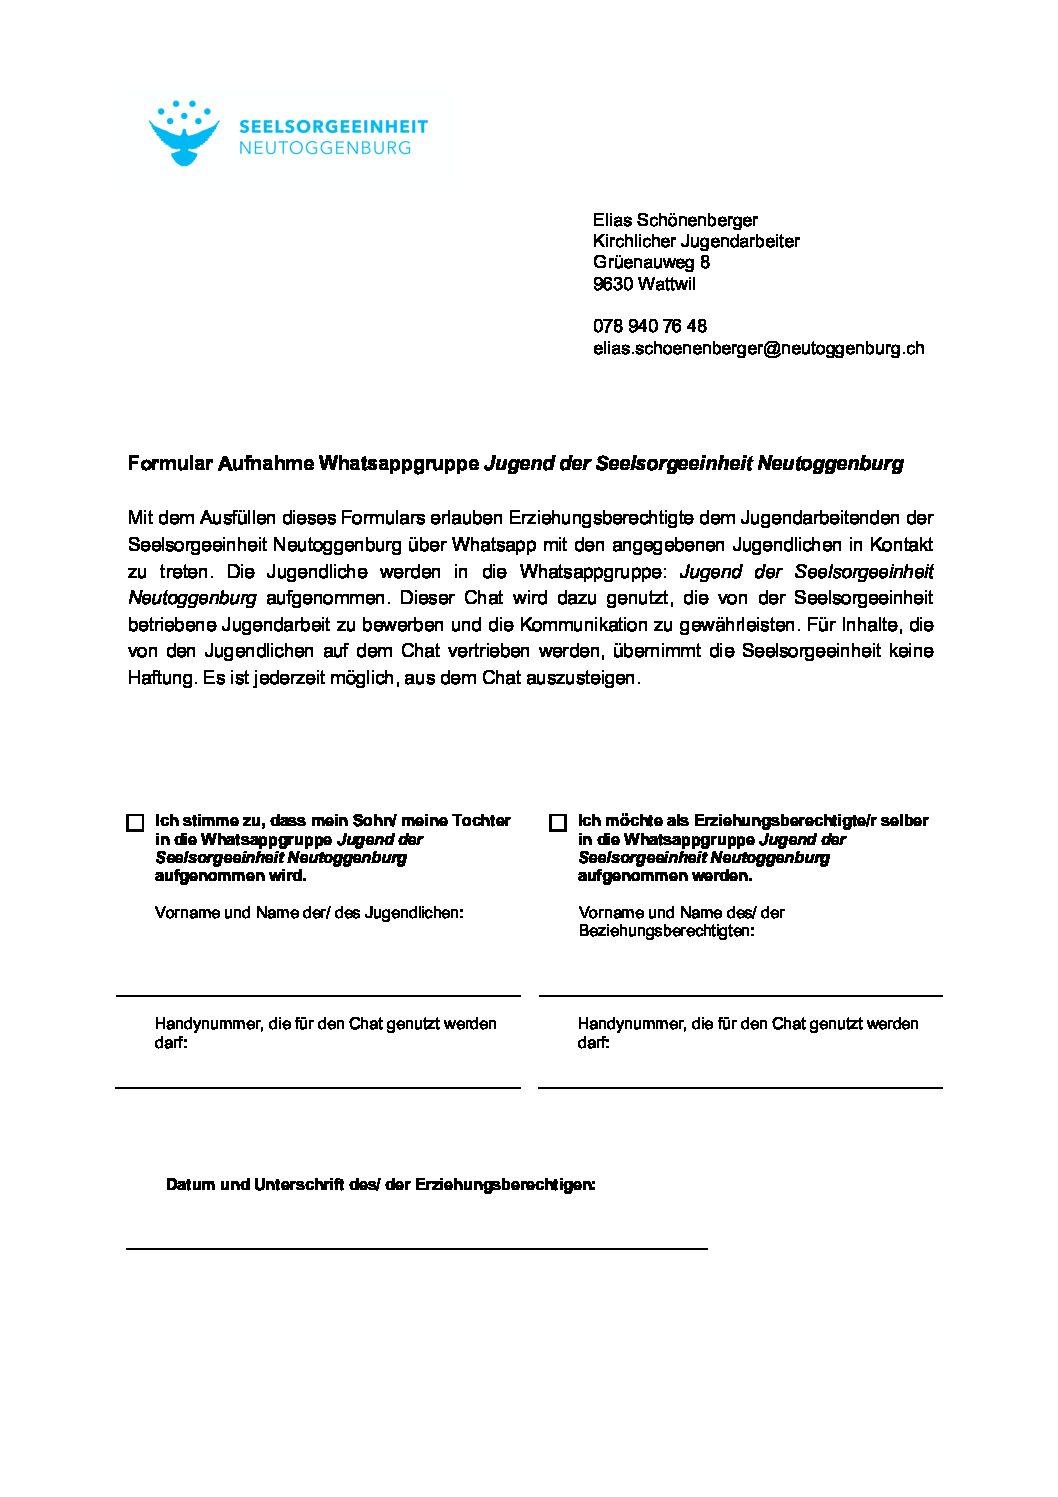 https://neutoggenburg.ch/wp-content/uploads/2020/08/Formular-zur-Aufnahme-in-die-Whatsappgruppe-2.pdf